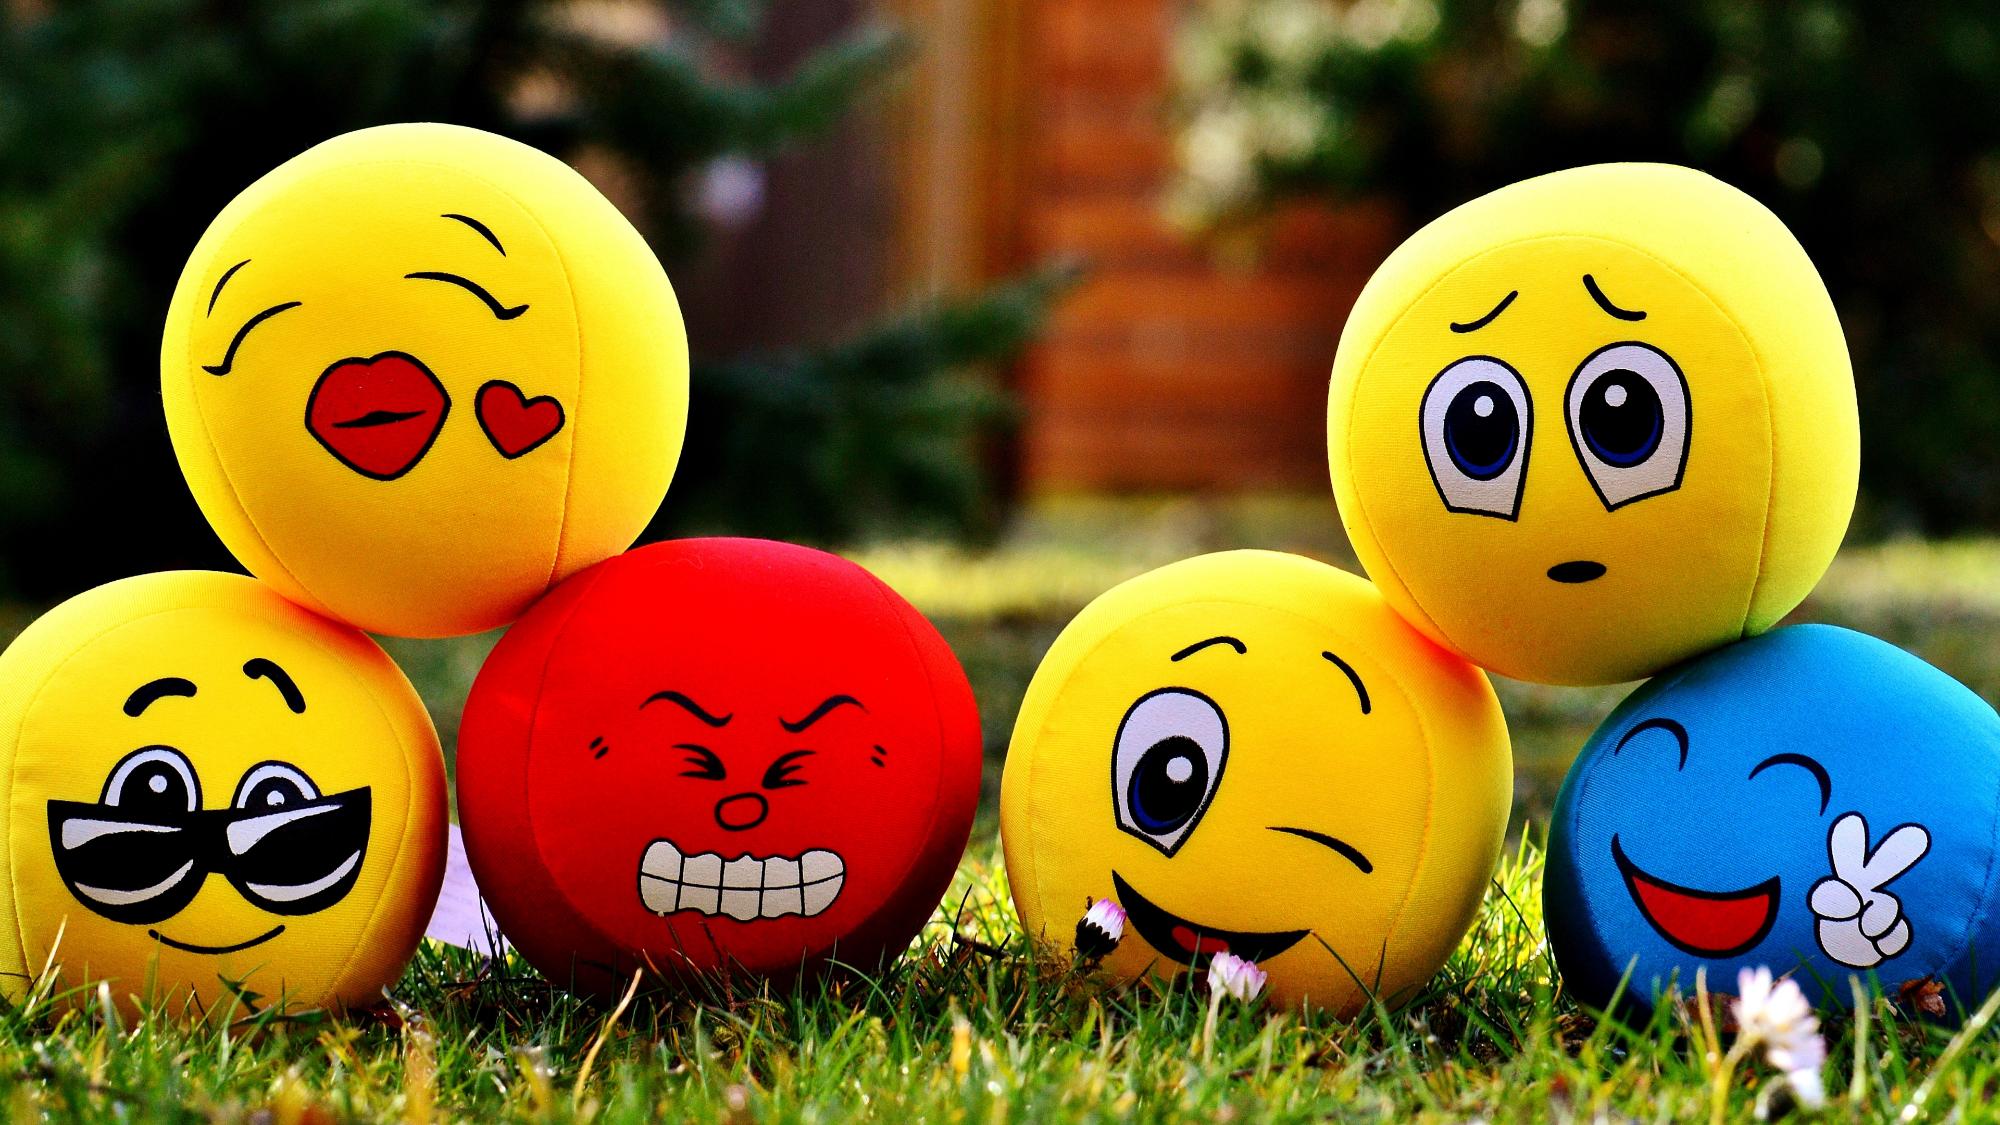 Le emozioni nei bambini: come aiutarli a riconoscerle e a gestirle